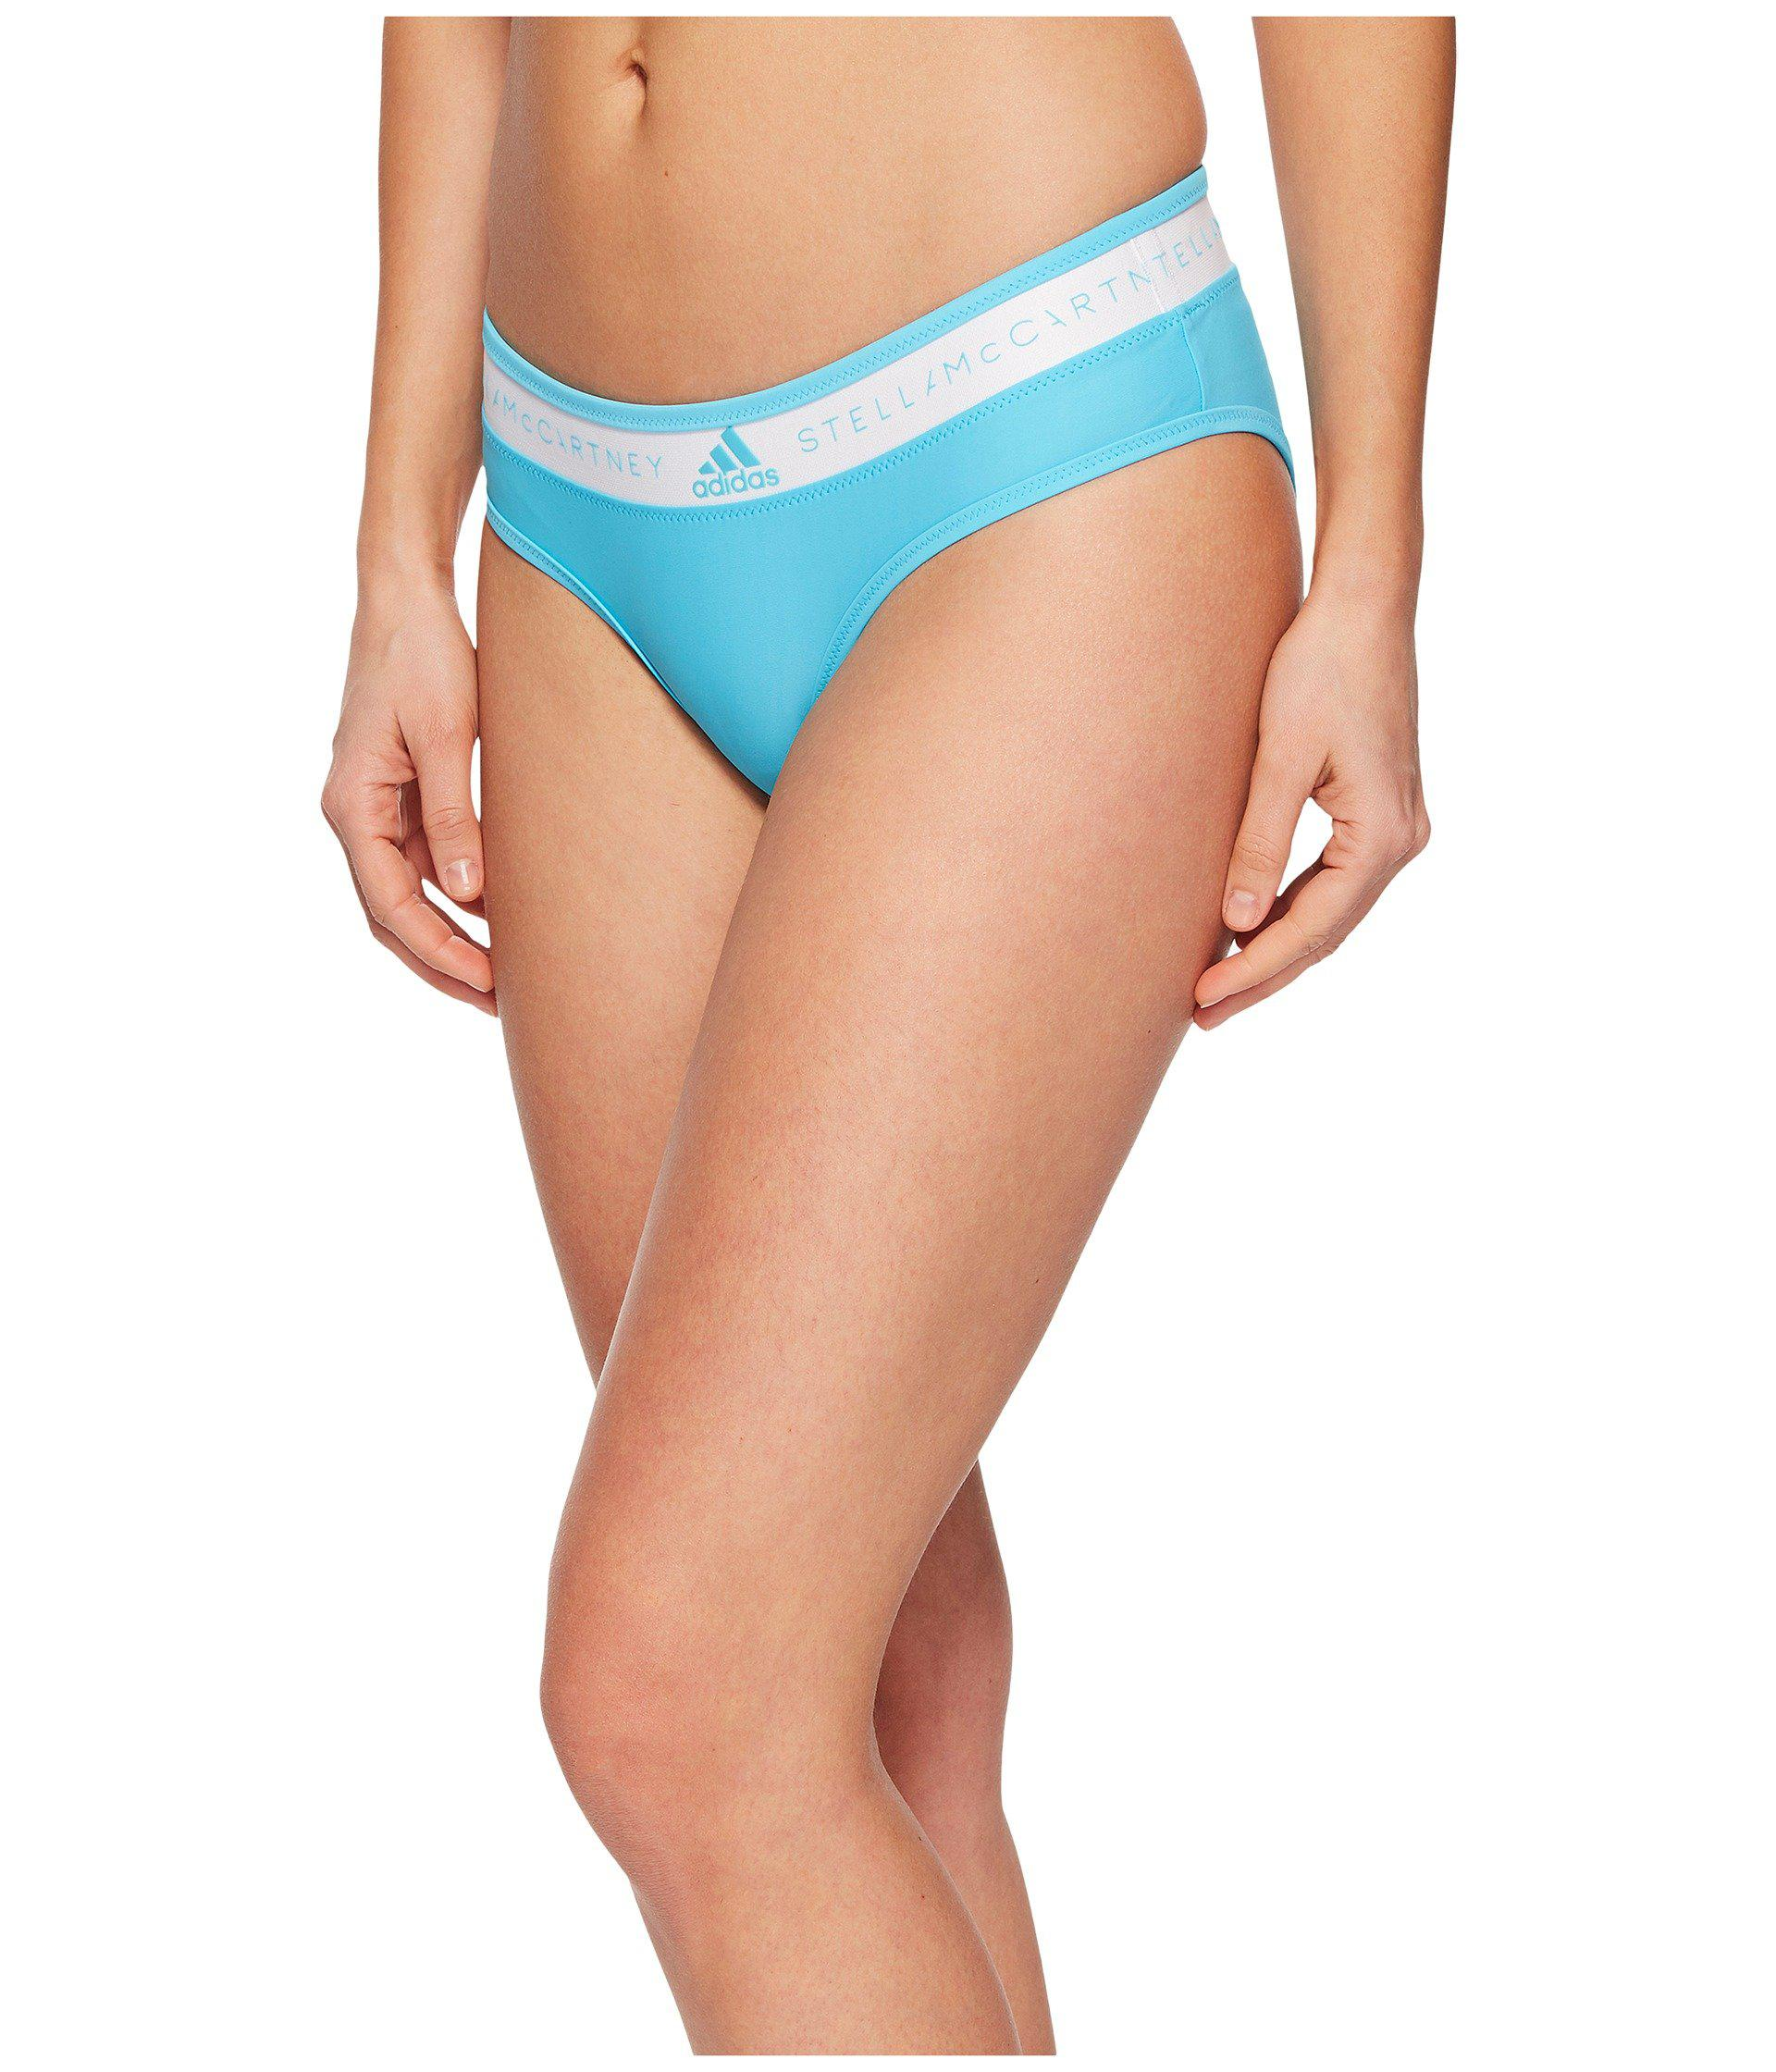 5a2bd4f0ee Lyst - adidas By Stella McCartney Bikini Swim Bottom Ce1774 in Blue - Save  57.5%